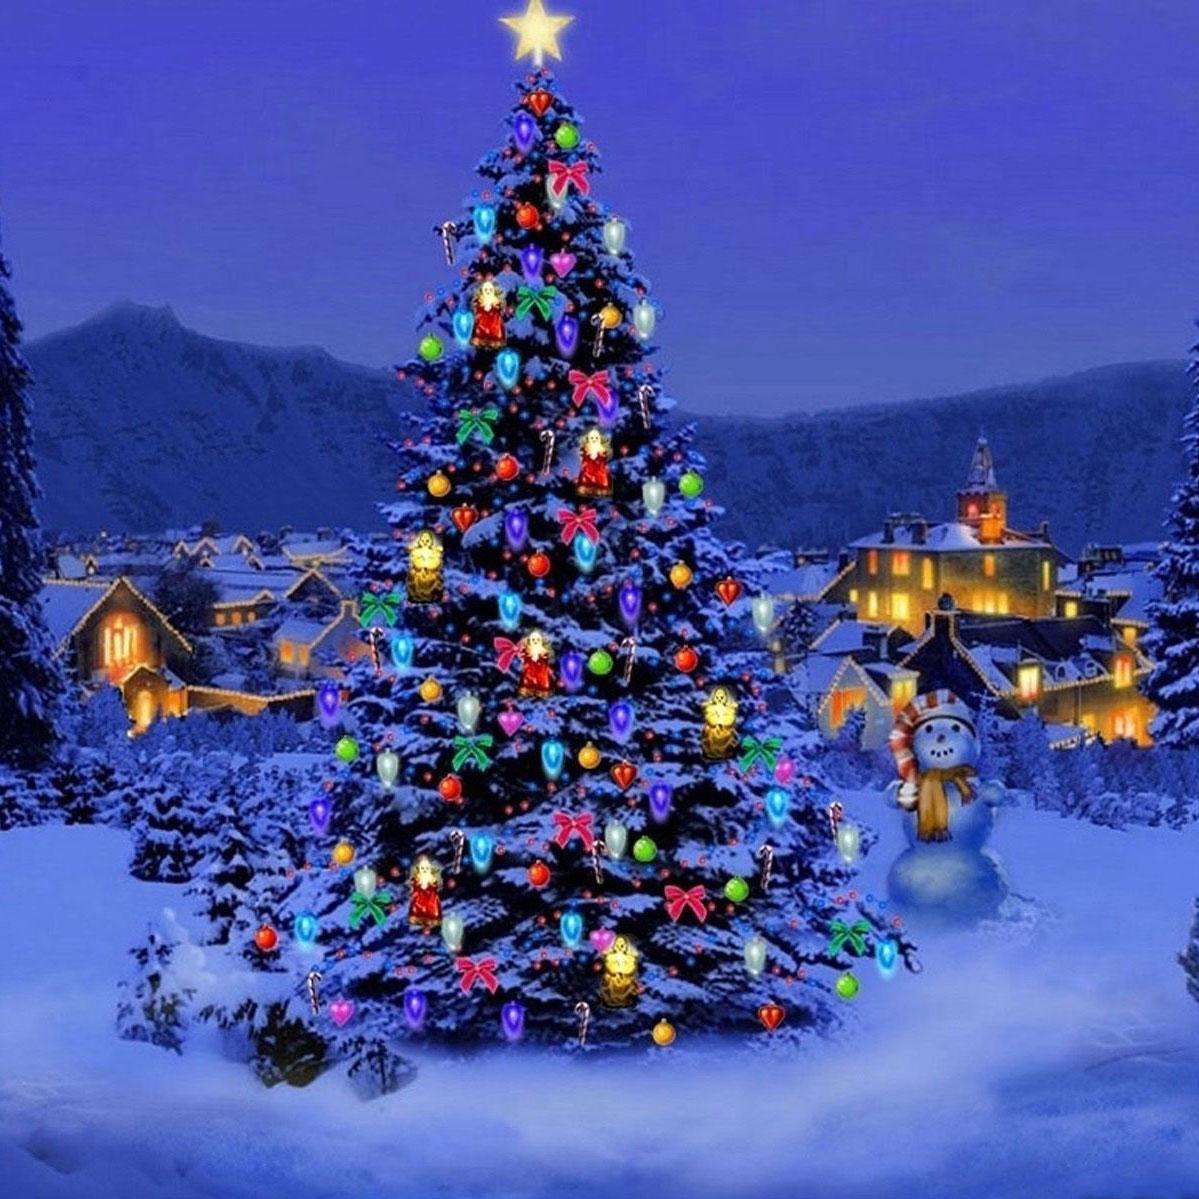 Verre Nativité pendaison arbre de Noël Décoration Décorations Étoile Cadeau